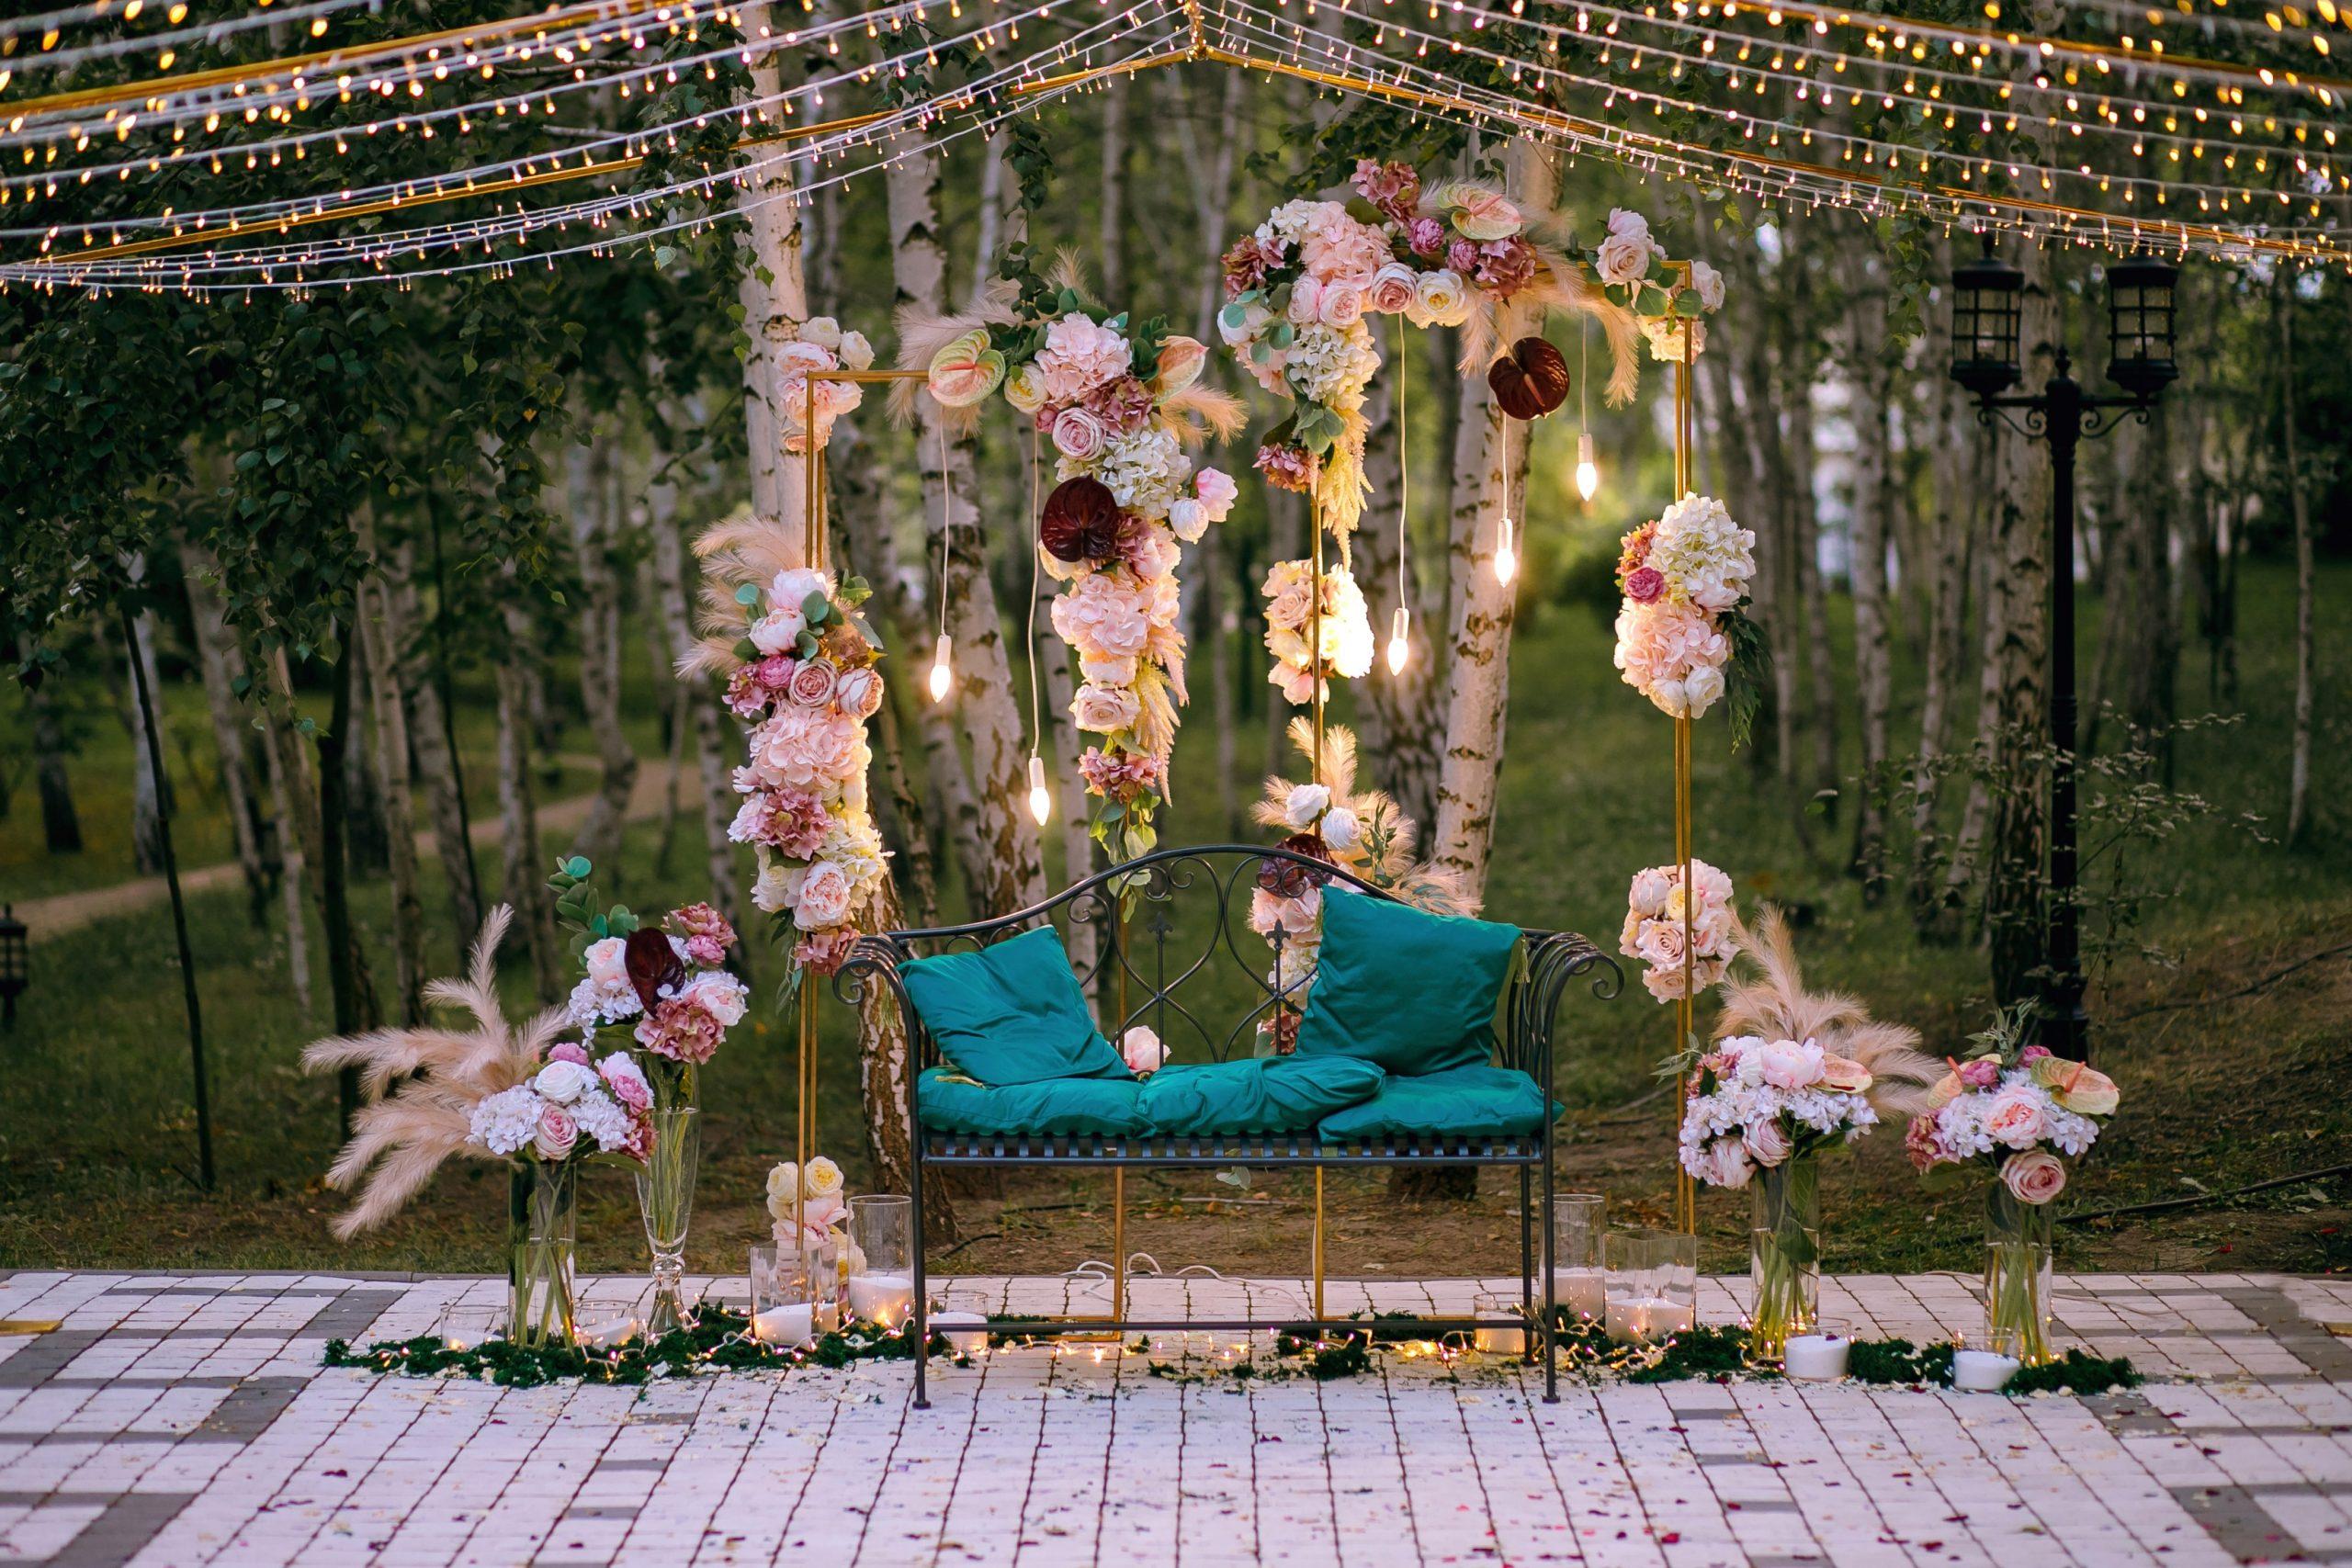 Décoration de mariage avec banc et fleurs suspendues